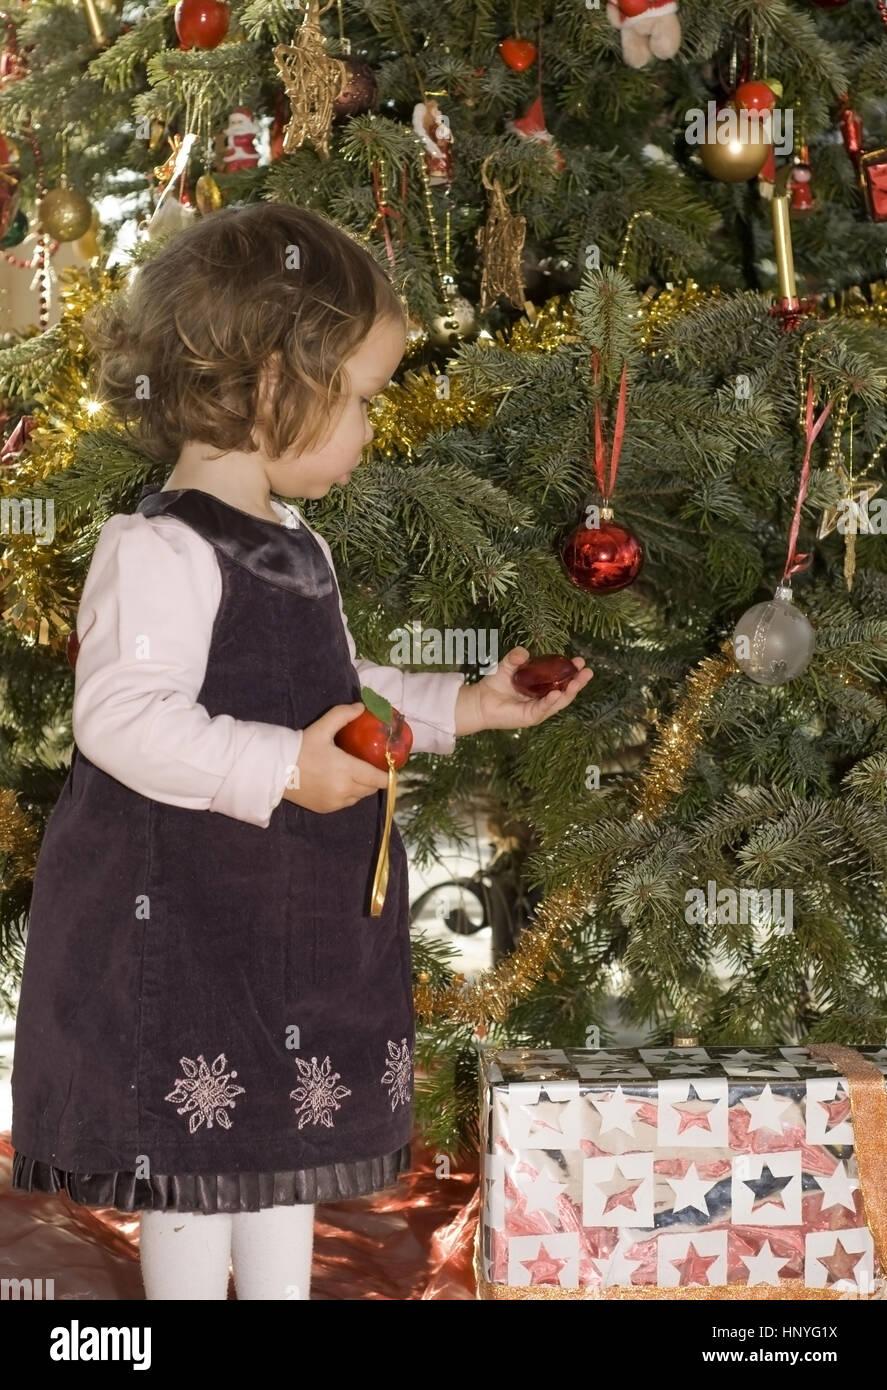 Fotos vor dem weihnachtsbaum